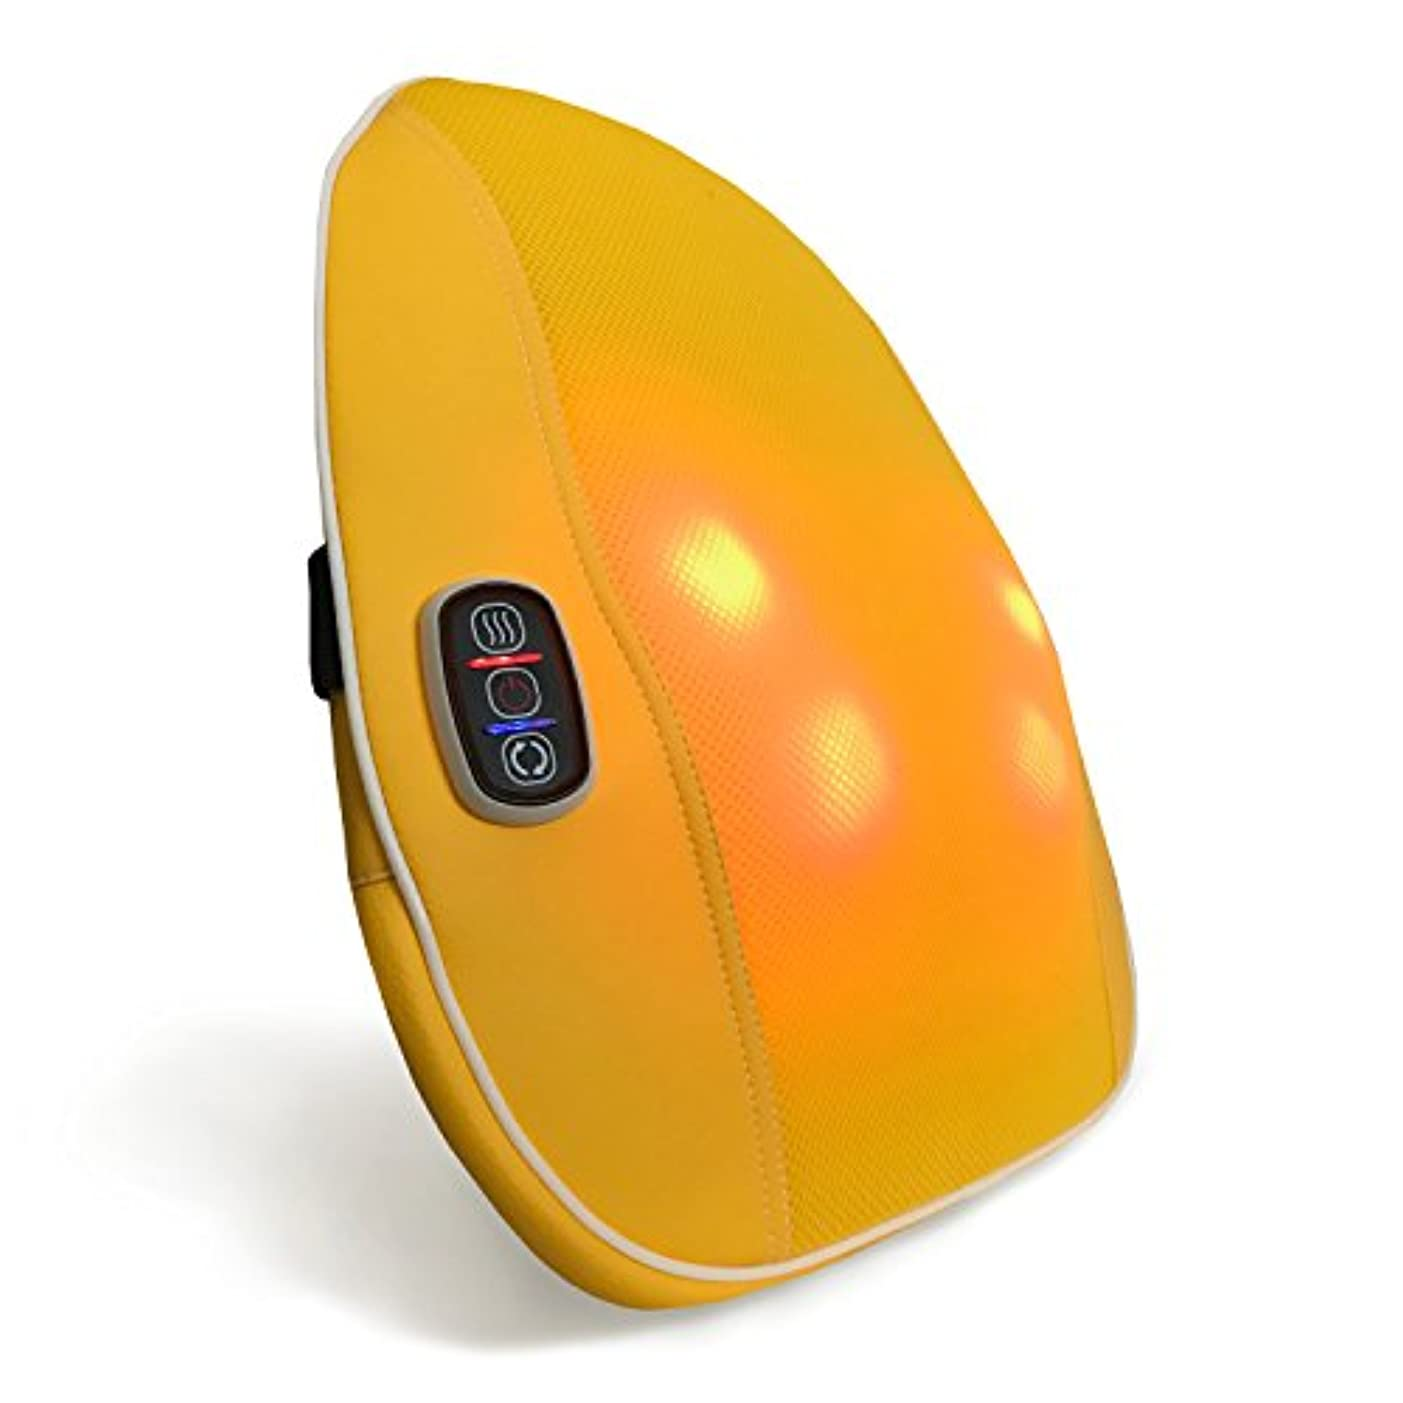 予想外歩き回る導体クロシオ スマートマッサージャー パプリカ イエロー 幅40cm 厚み9cm もみ玉式マッサージ器 薄型 簡単操作 マッサージクッション